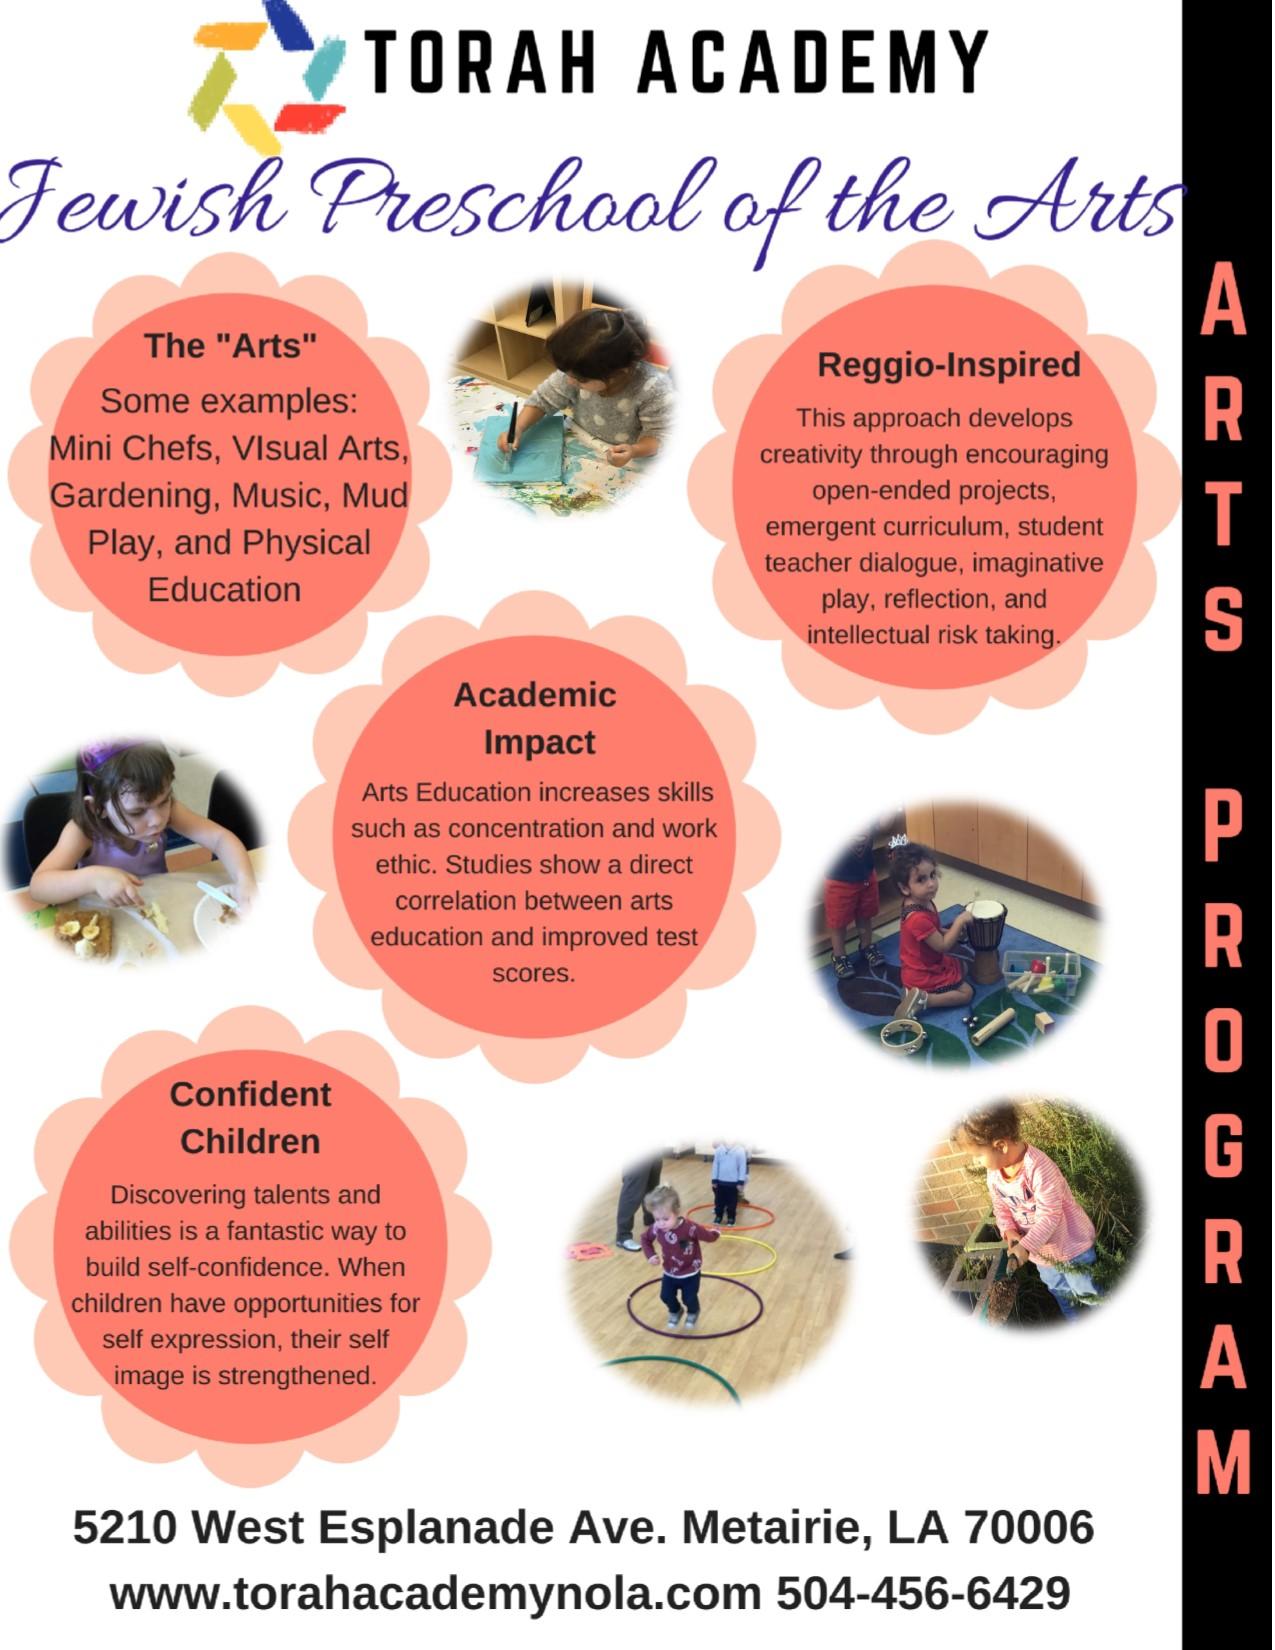 Jewish Preschool of the Arts (1).jpg